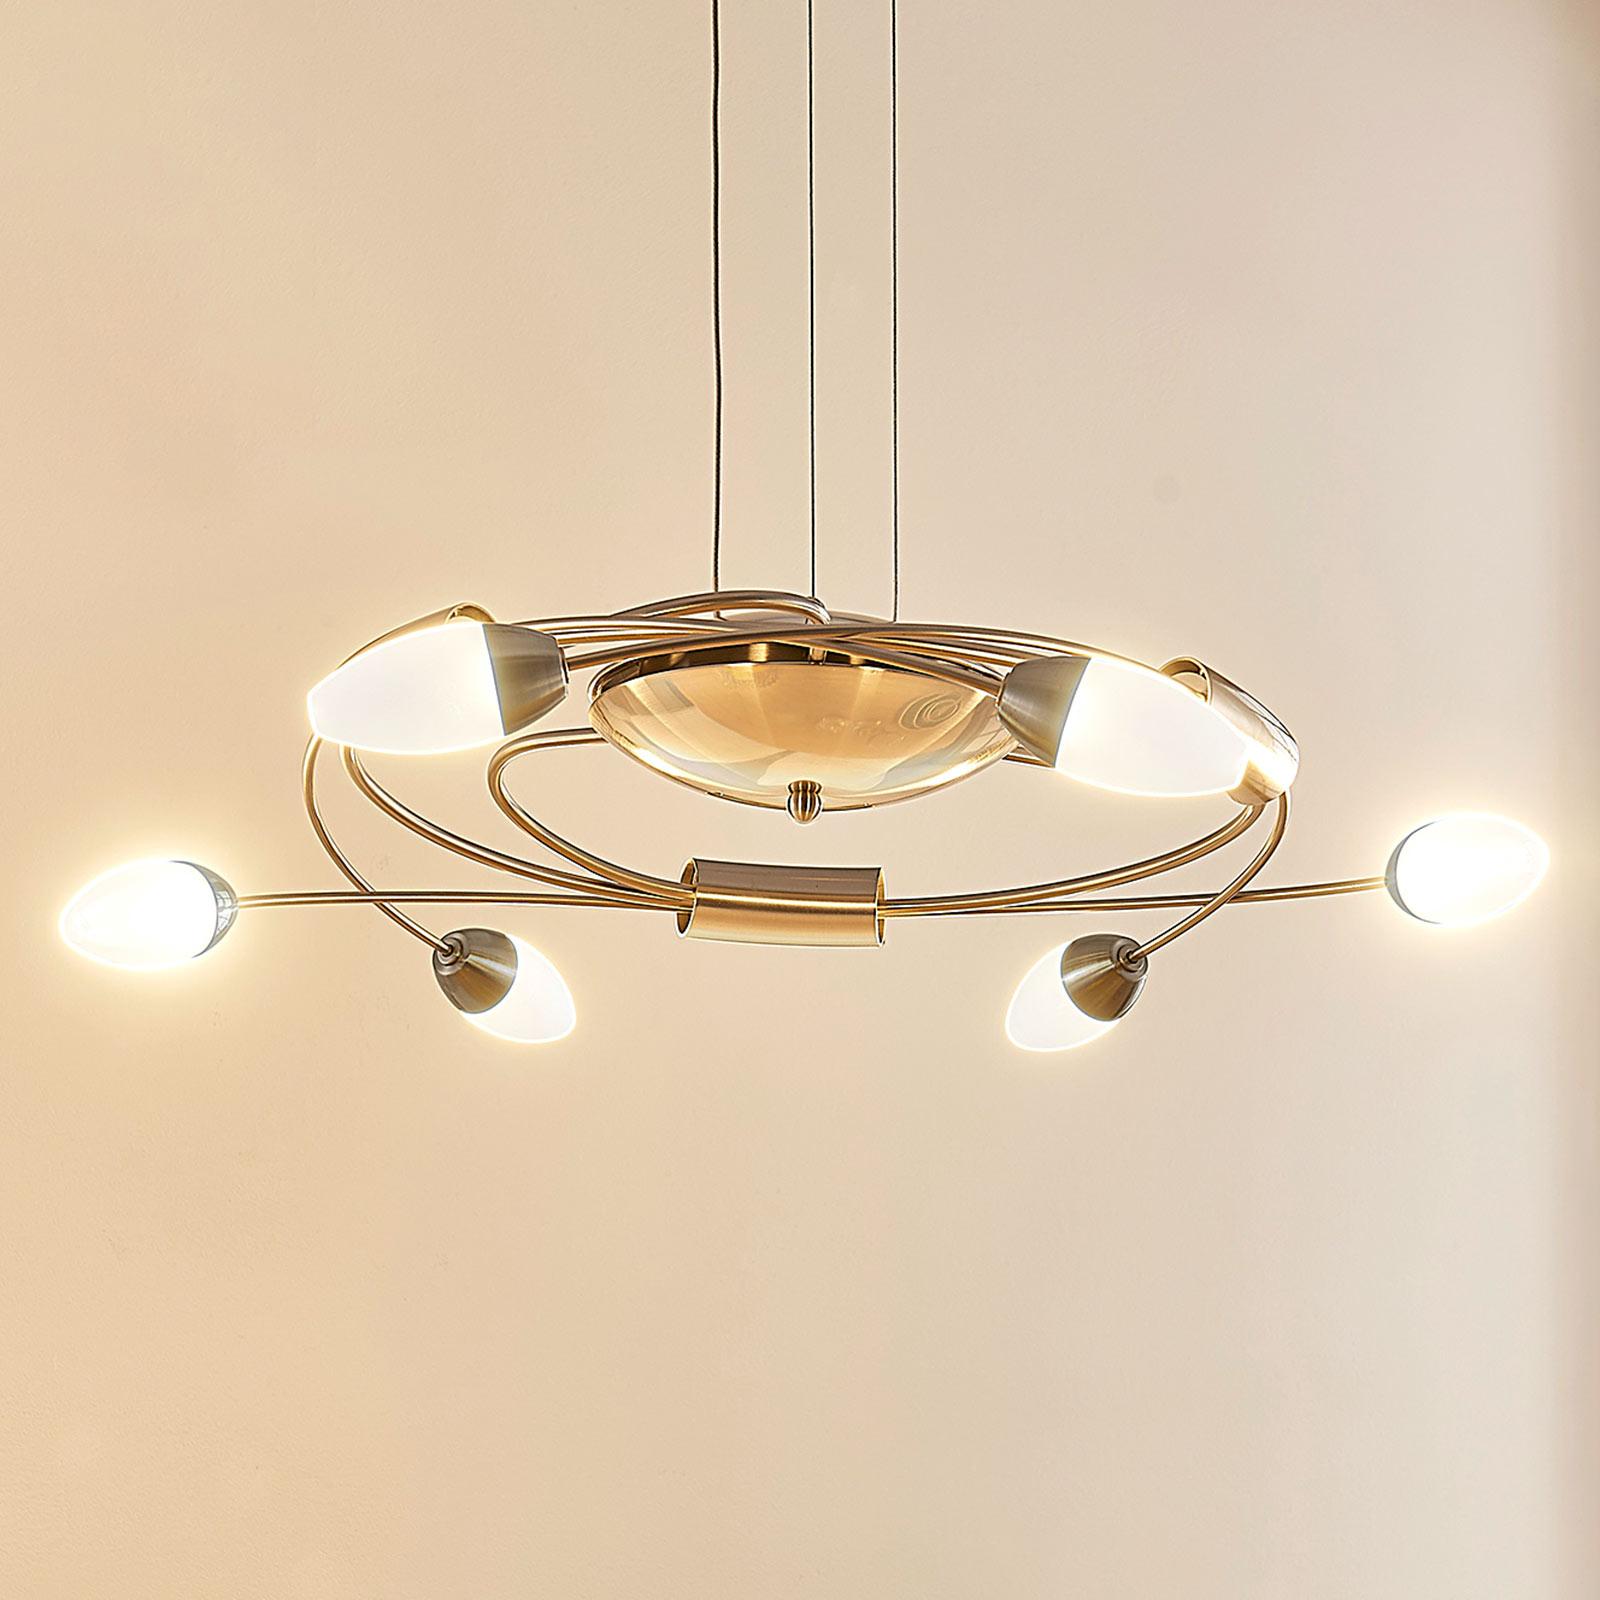 LED hanglamp Deyan, dimbaar, 6-lamps